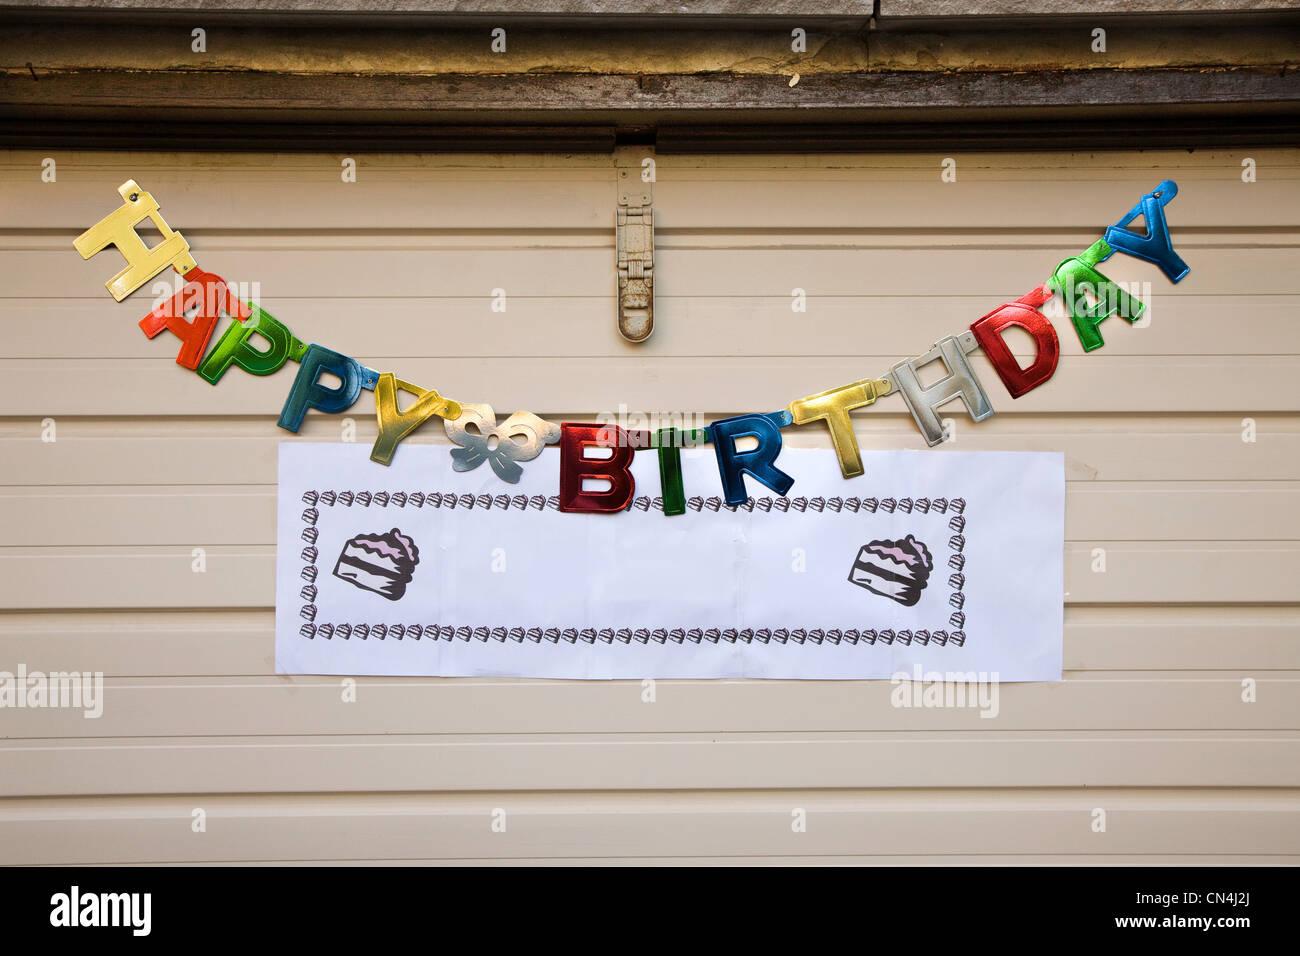 Happy birthday sign - Stock Image